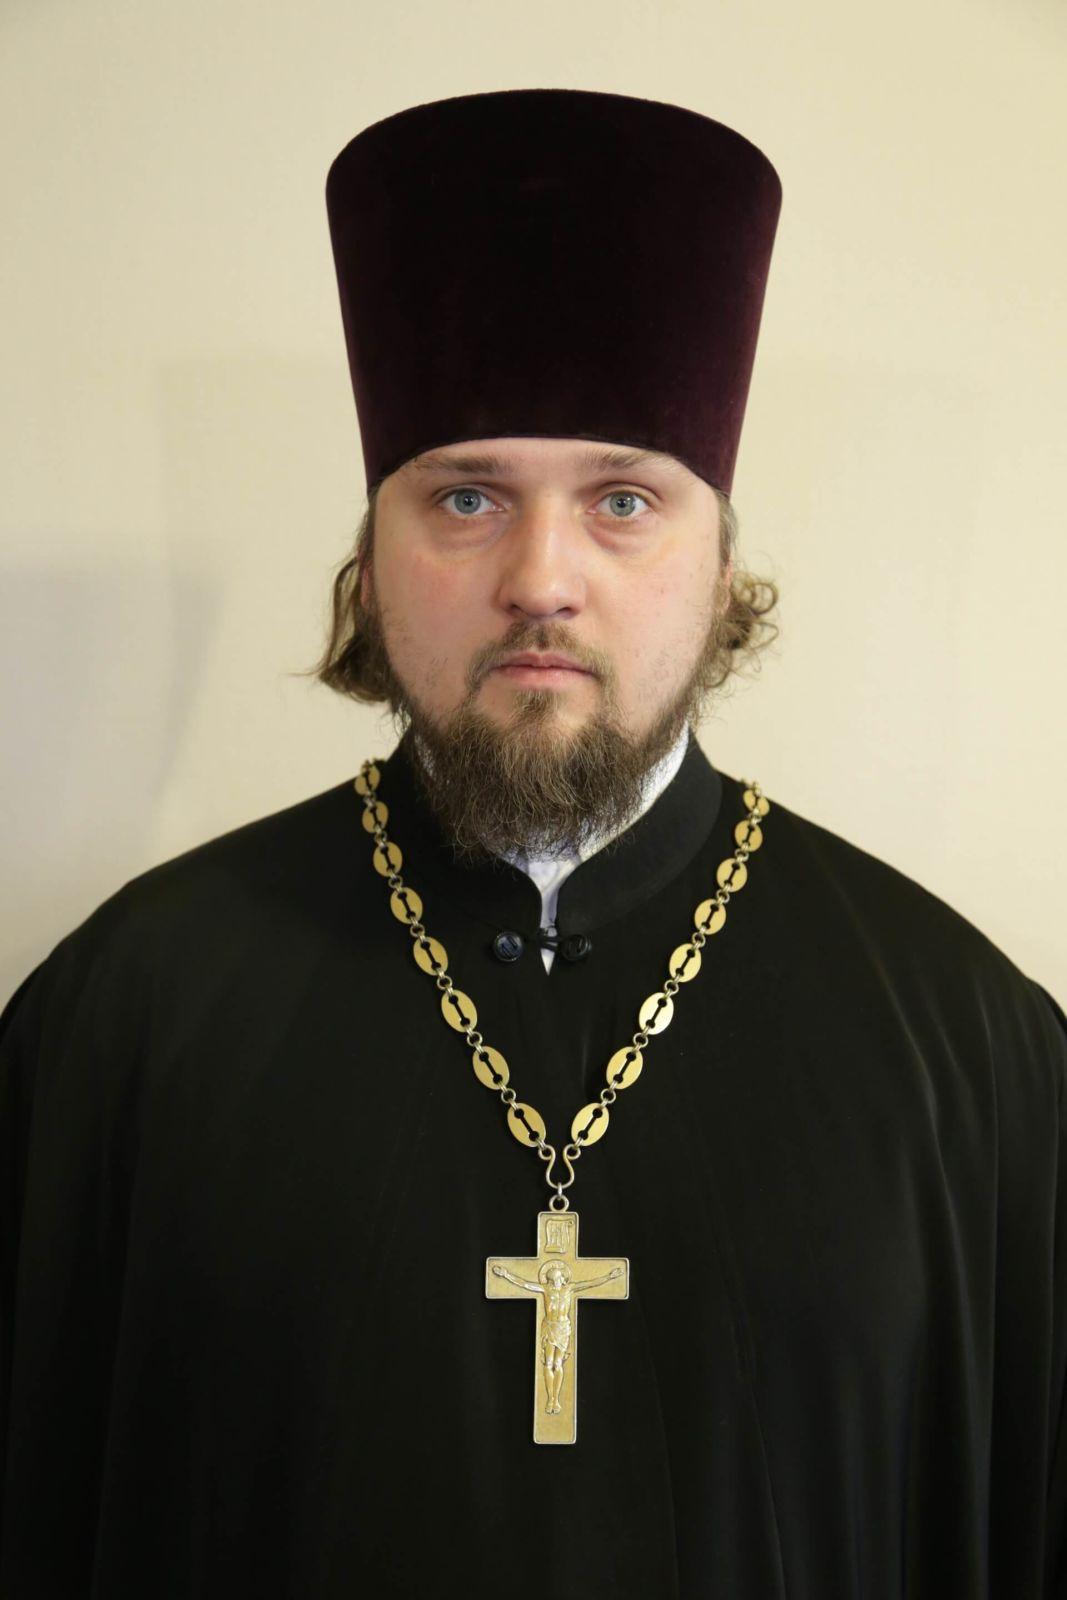 Максим Станиславович Квасов — Протоиерей в Храме Иова Многострадального